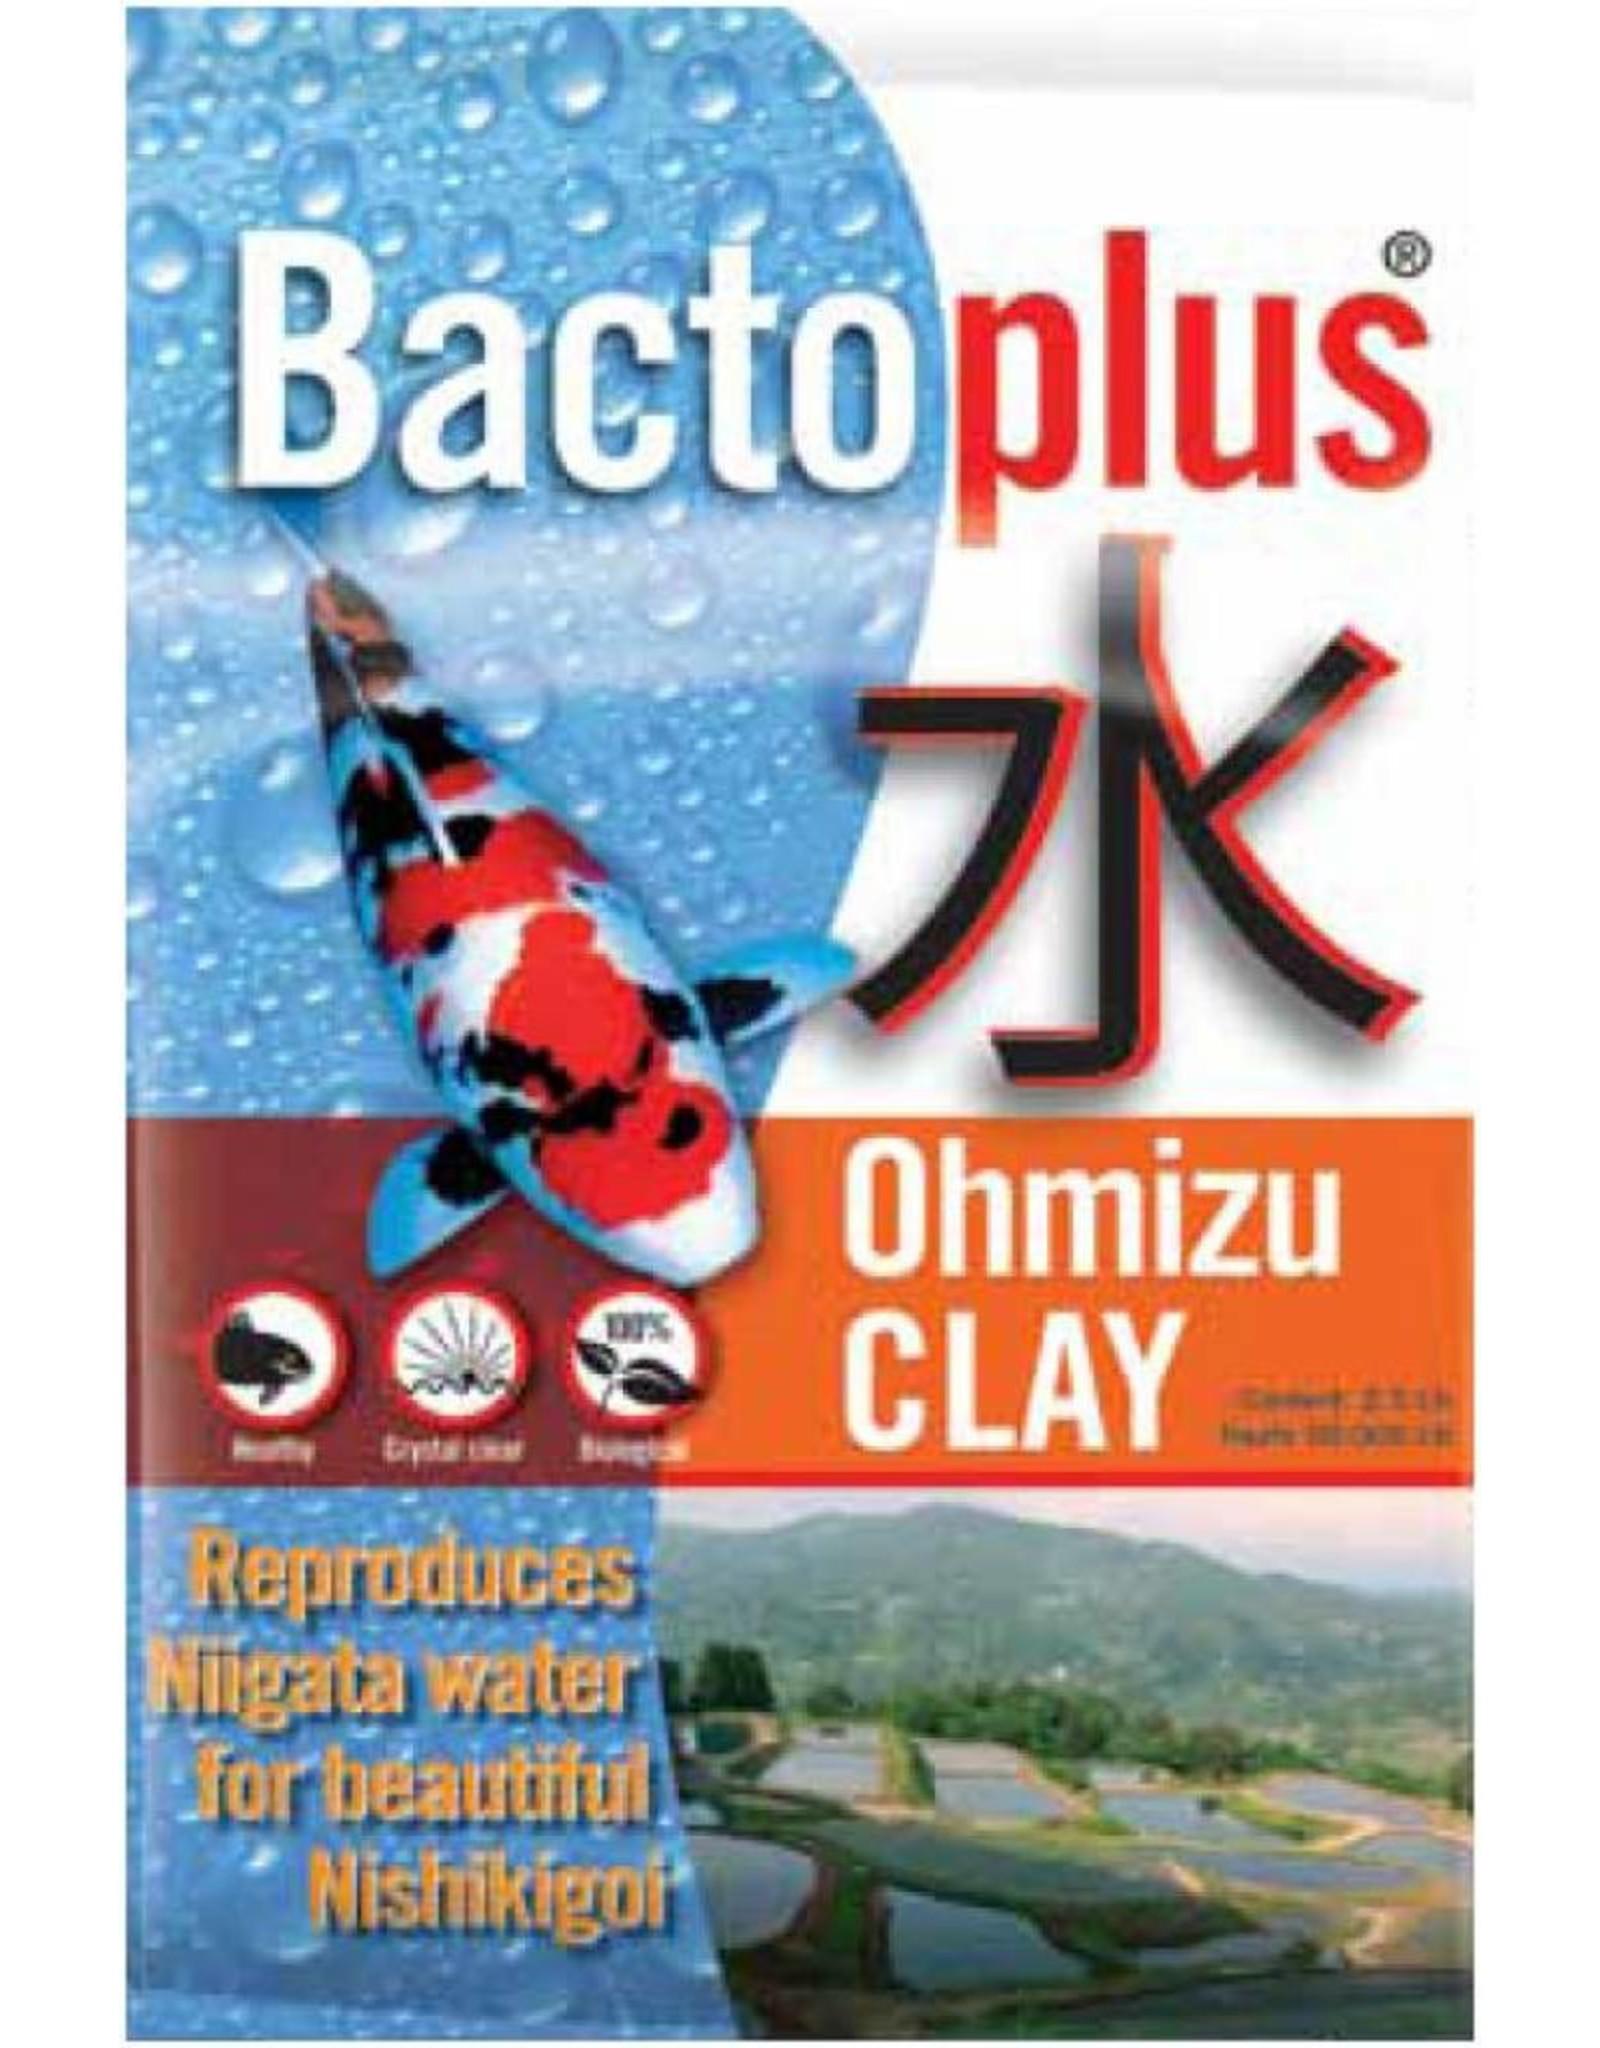 Bactoplus Ohmizu Clay. Das Geheimnis um hervorragende Wasserqualität aus Japan.